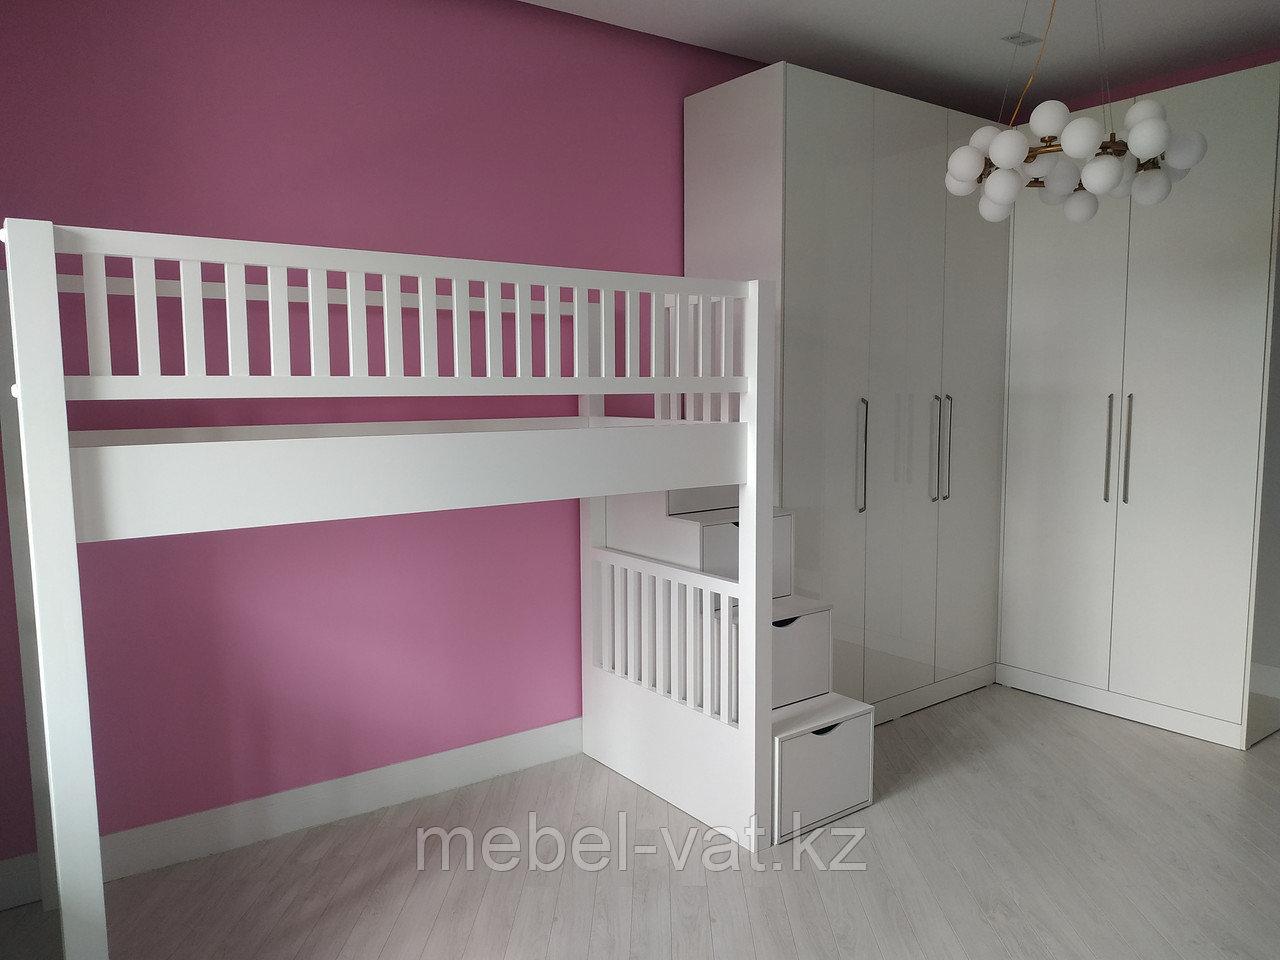 Кровать и шкаф в детскую